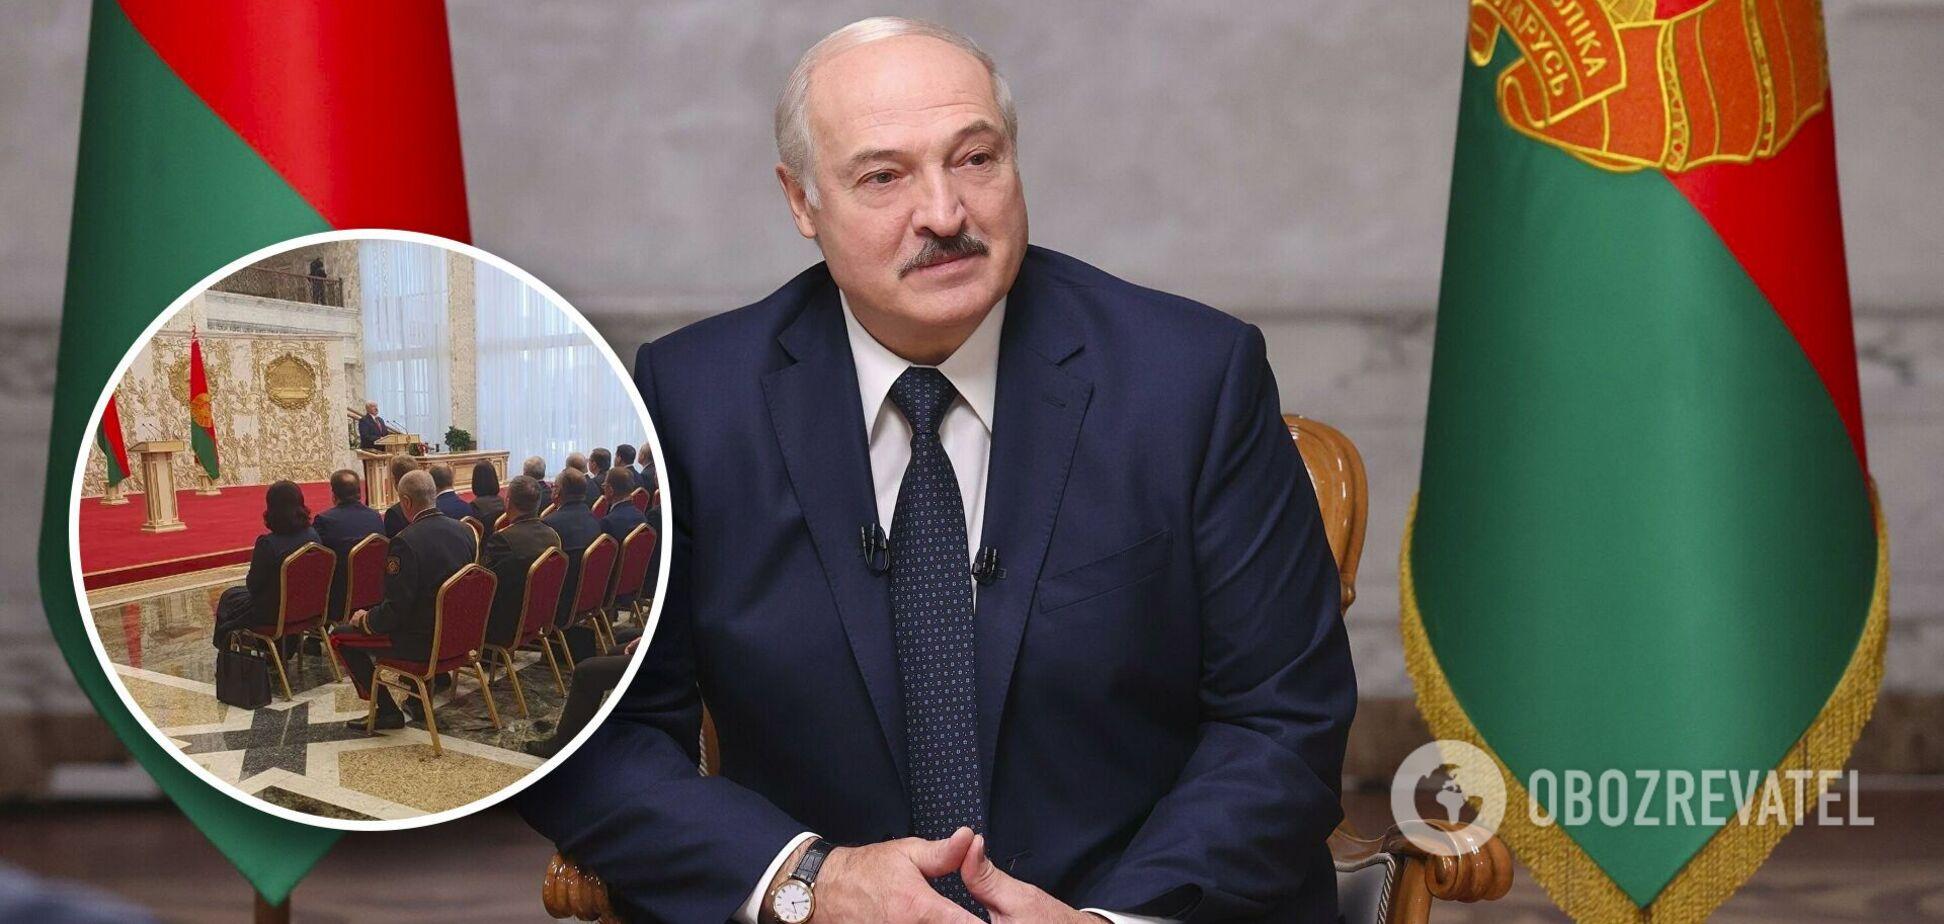 Лукашенко таємно вступив на посаду президента. Реакція світу і подробиці